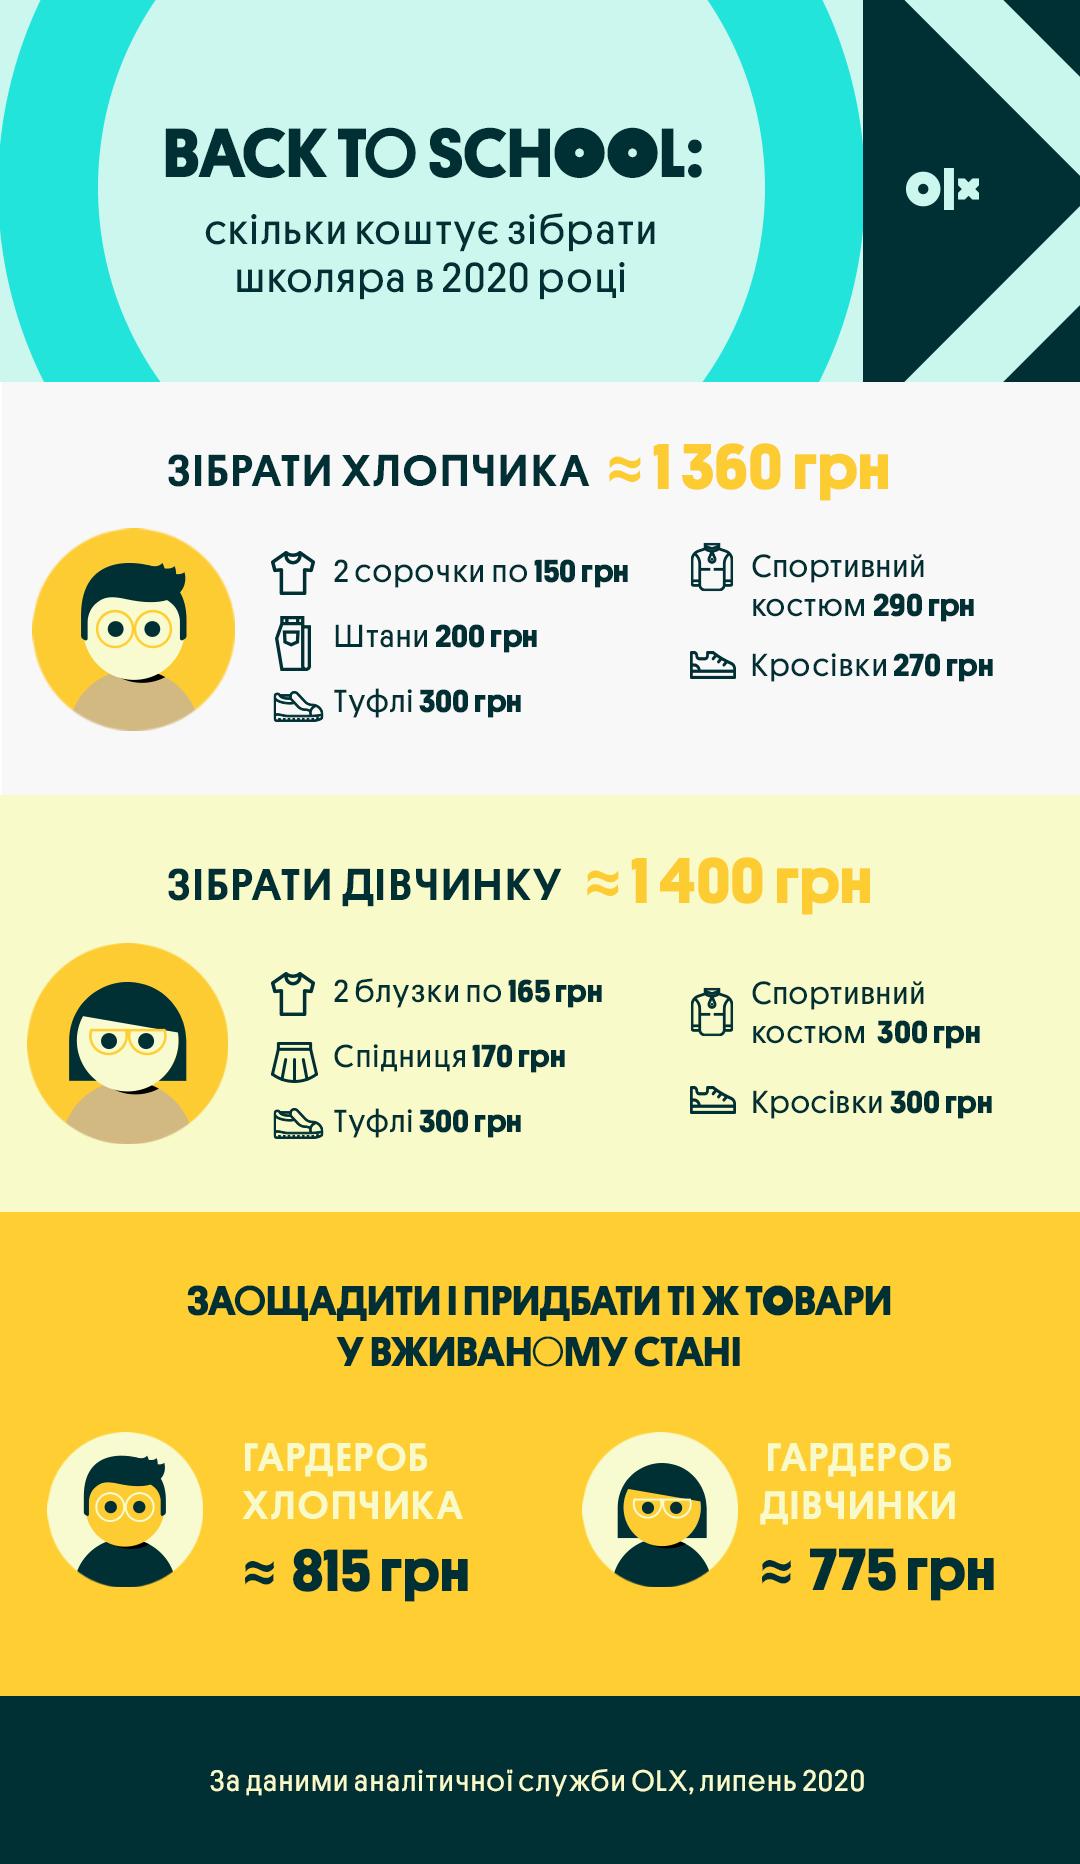 Інфографіка_OLX_Скільки коштує зібрати школяра в 2020 році_Одяг